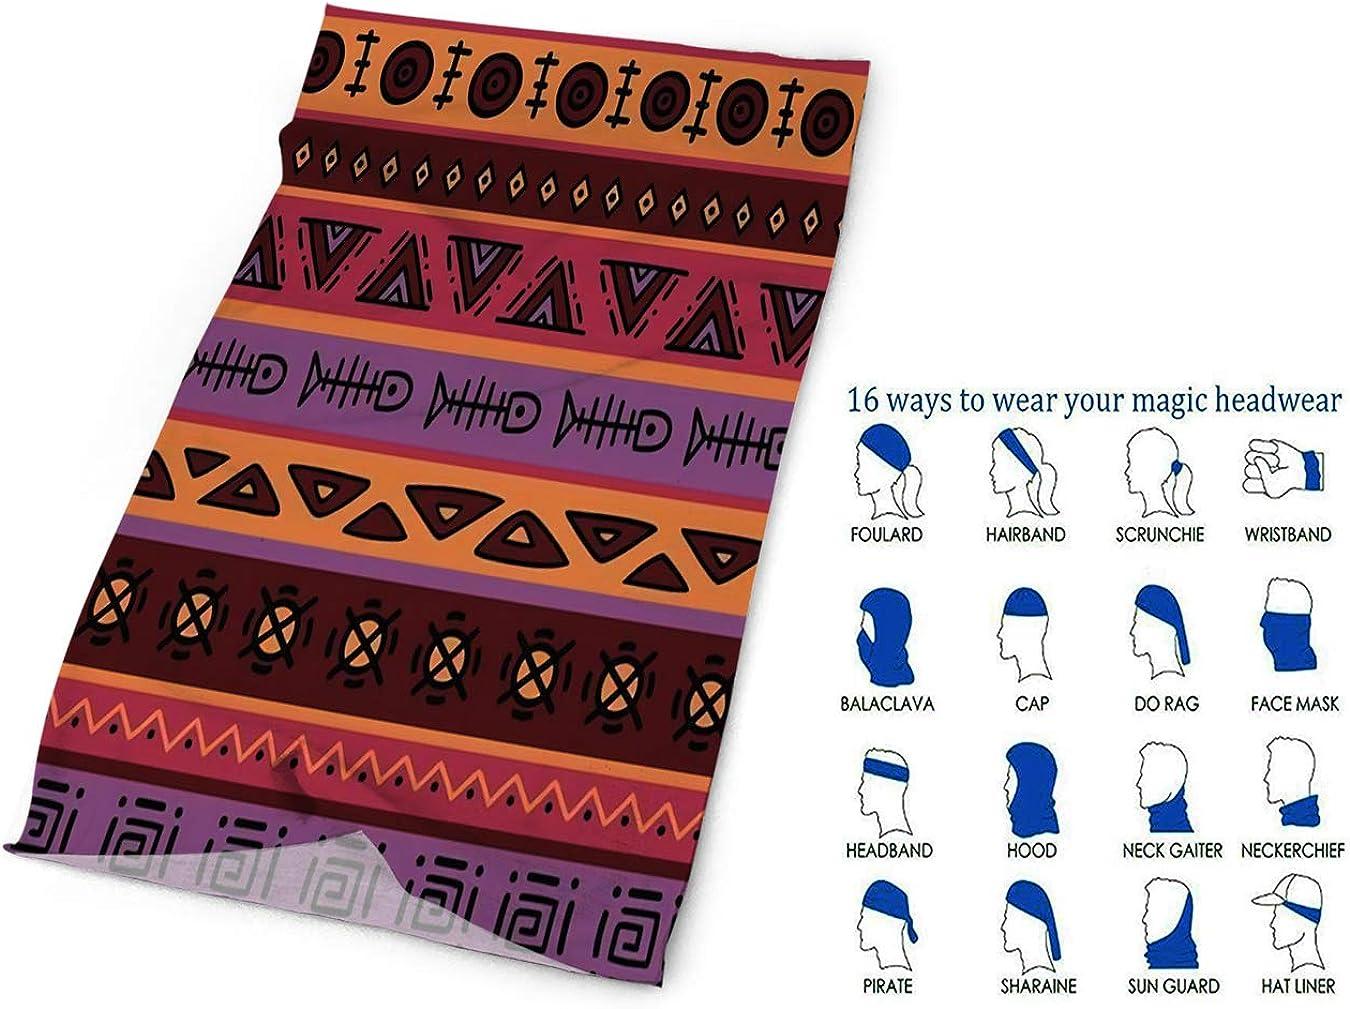 Headbands Magic Headwear...